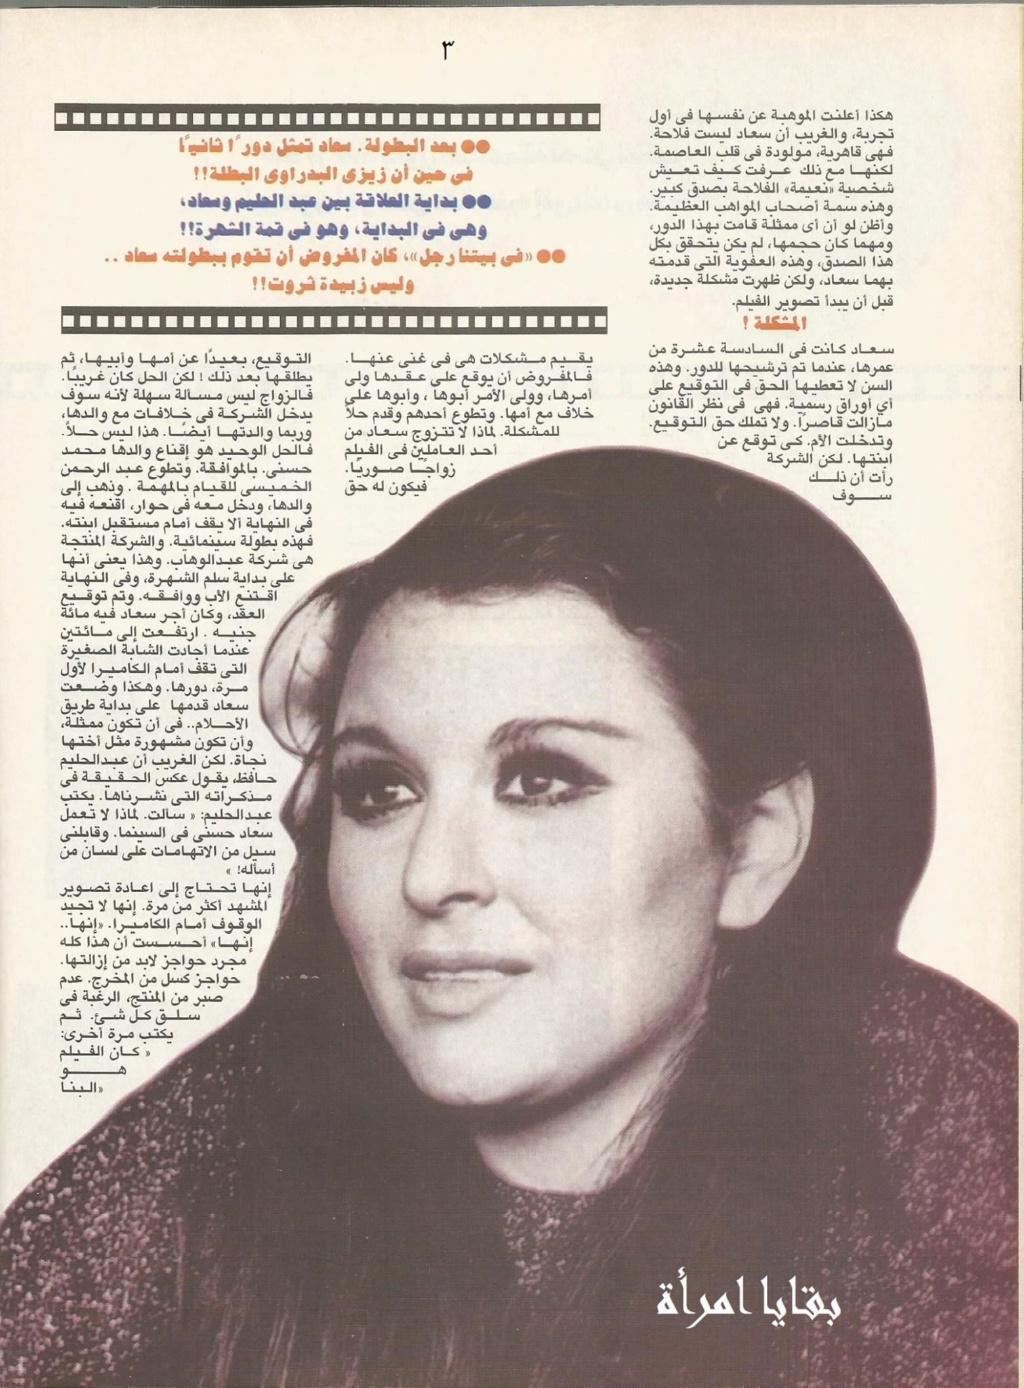 مقال صحفي : سعاد تتزوج .. حتى تقوم ببطولة حسن ونعيمة !! 2001 م 3152